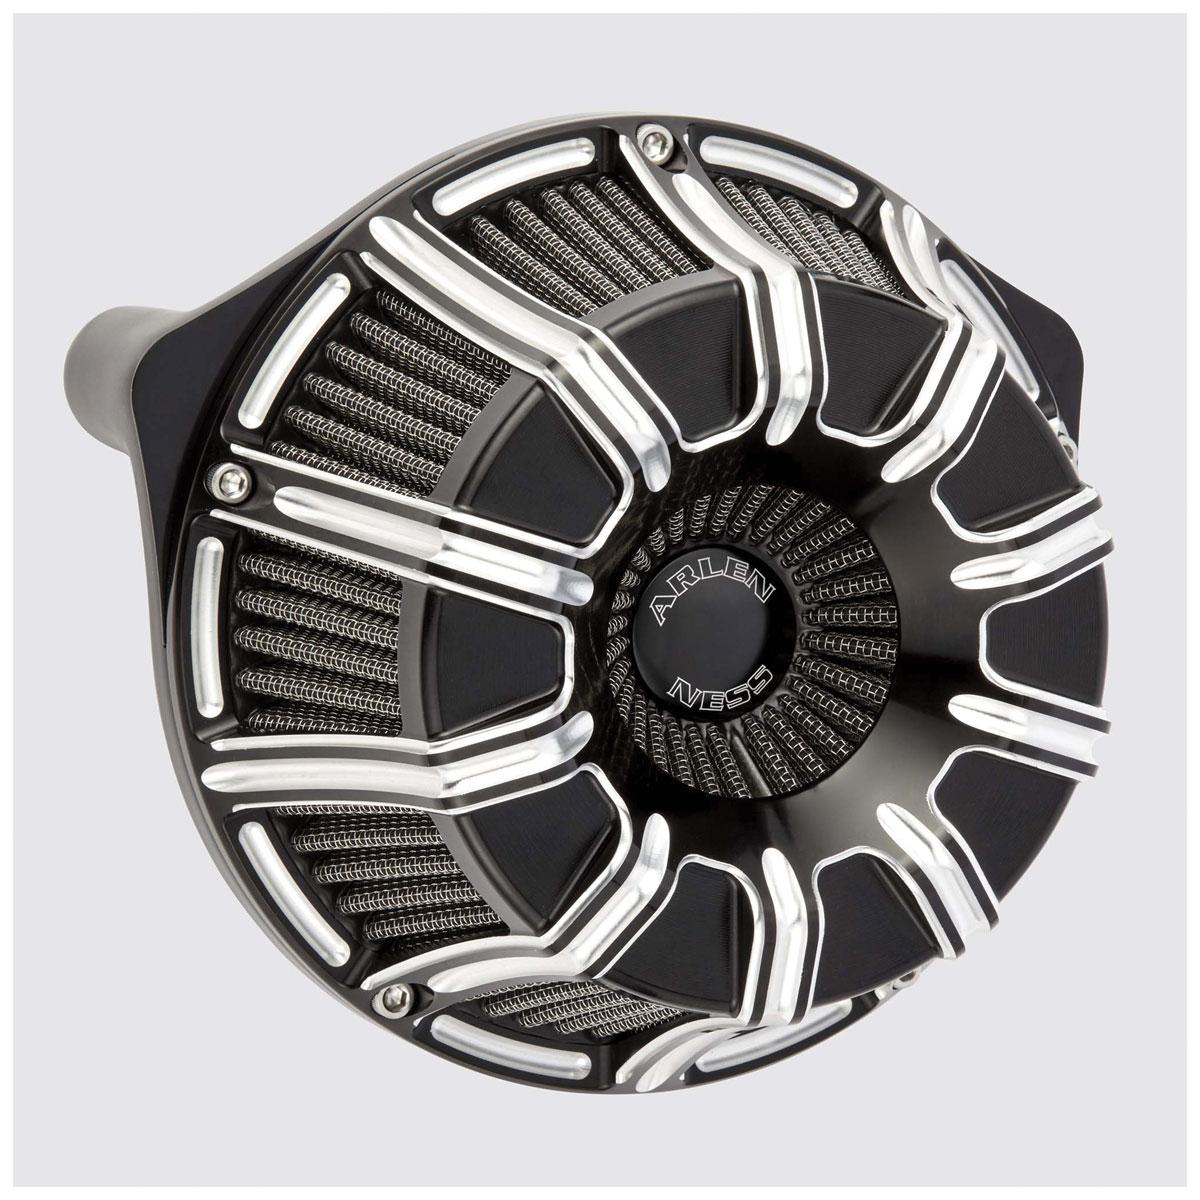 Arlen Ness Inverted Series 10-Gauge Black Air Cleaner Kit